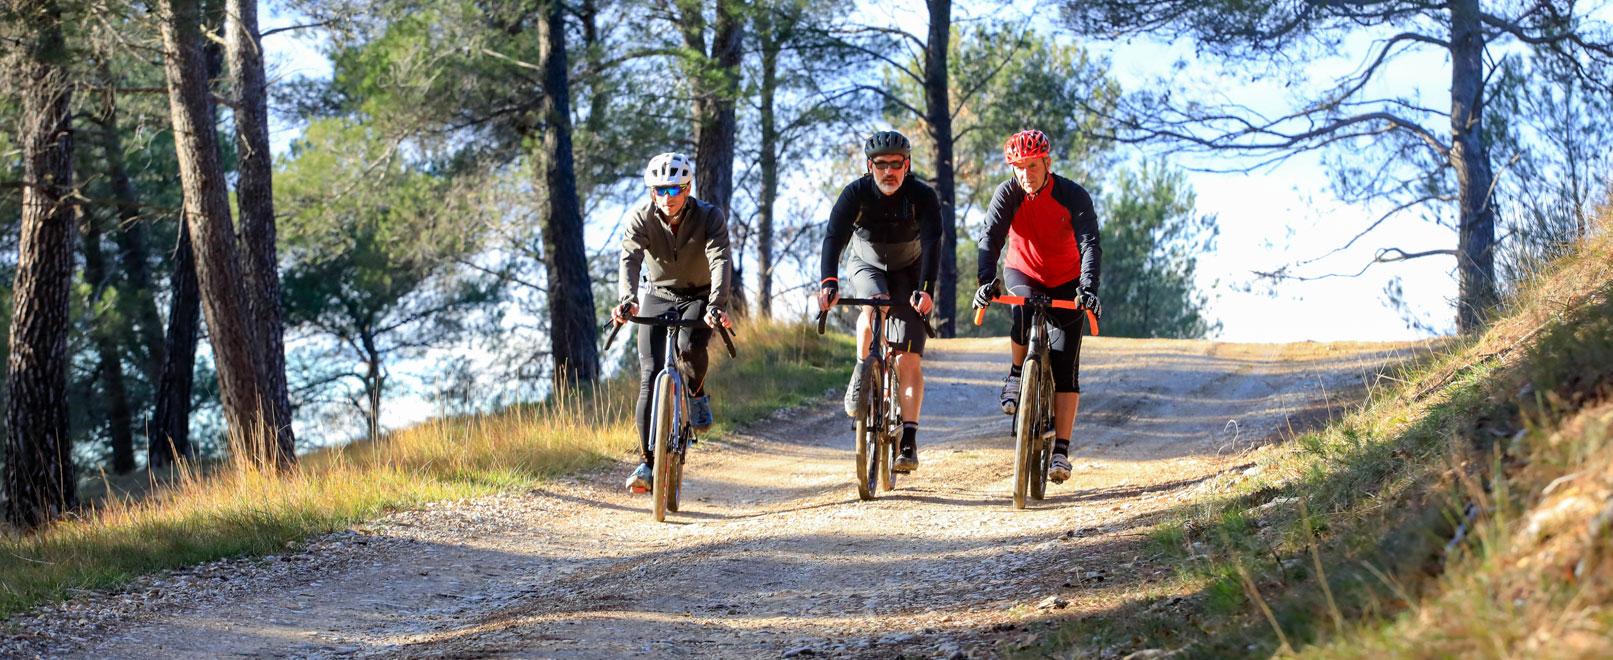 Gravel-Biken in der Provence © Hocquel